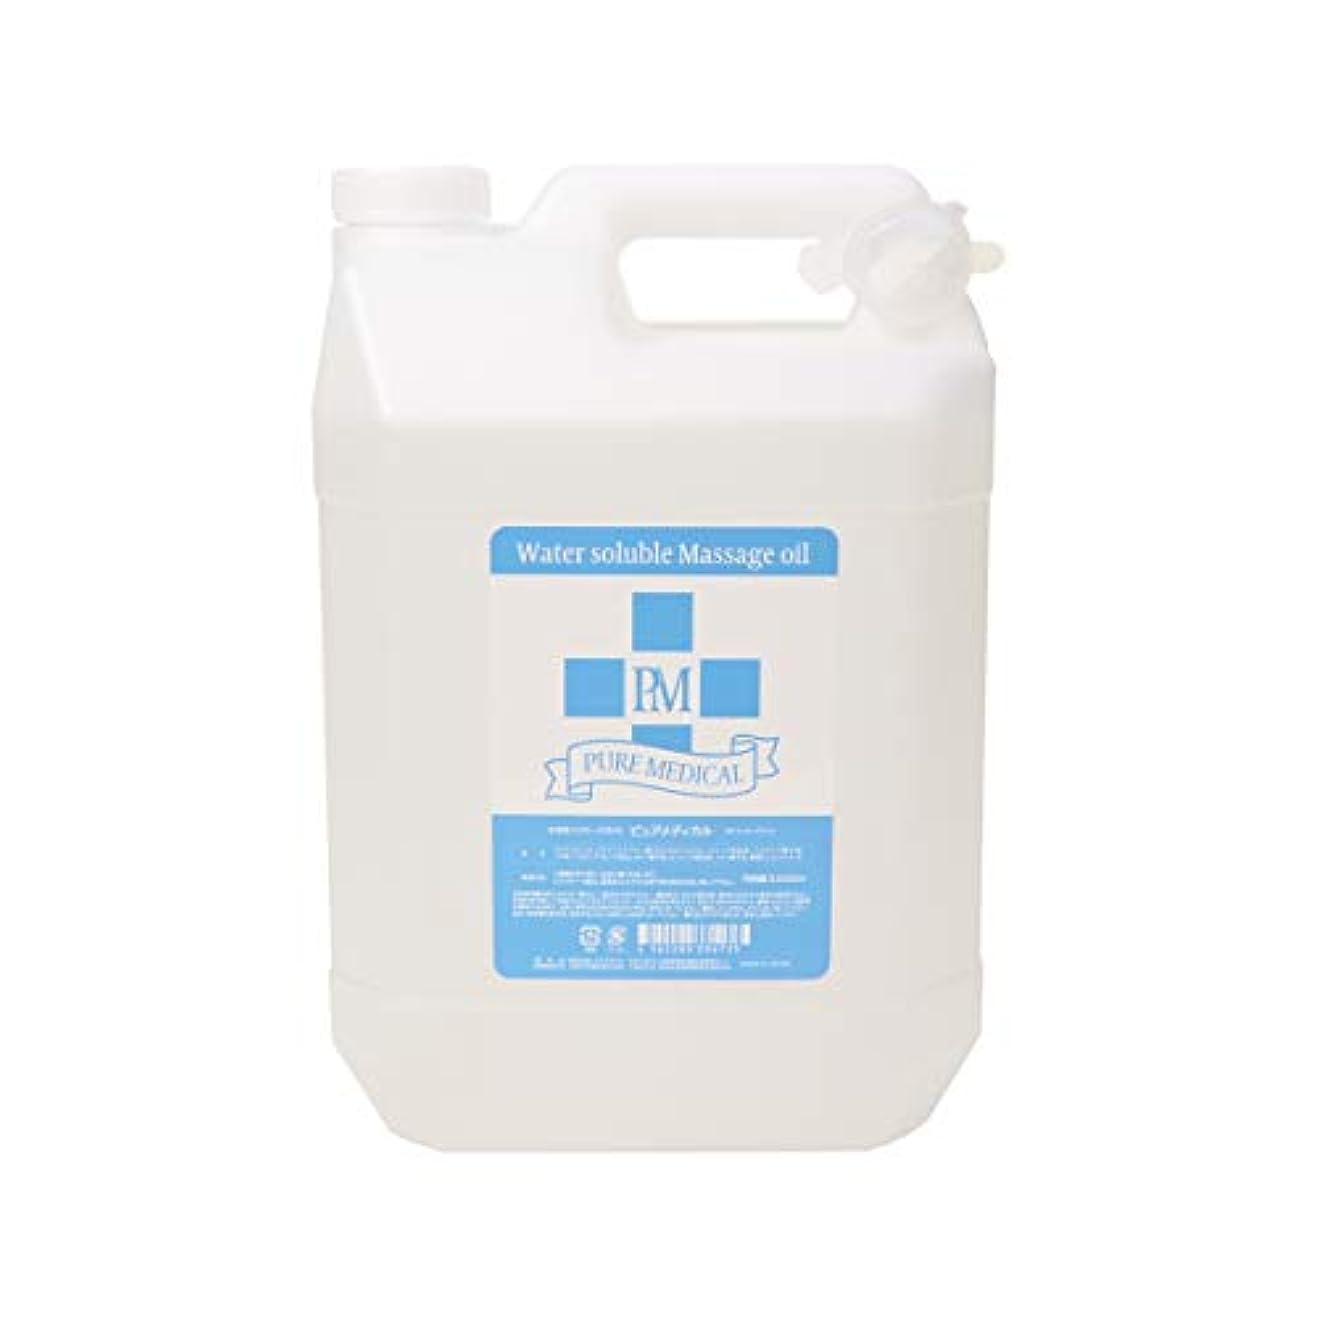 住居エイズマーチャンダイジングPURE MEDICAL(ピュアメディカル) 水溶性マッサージオイル 5L マッサージオイル ボディオイル PM 無香料 日本製 業務用 ボディ用